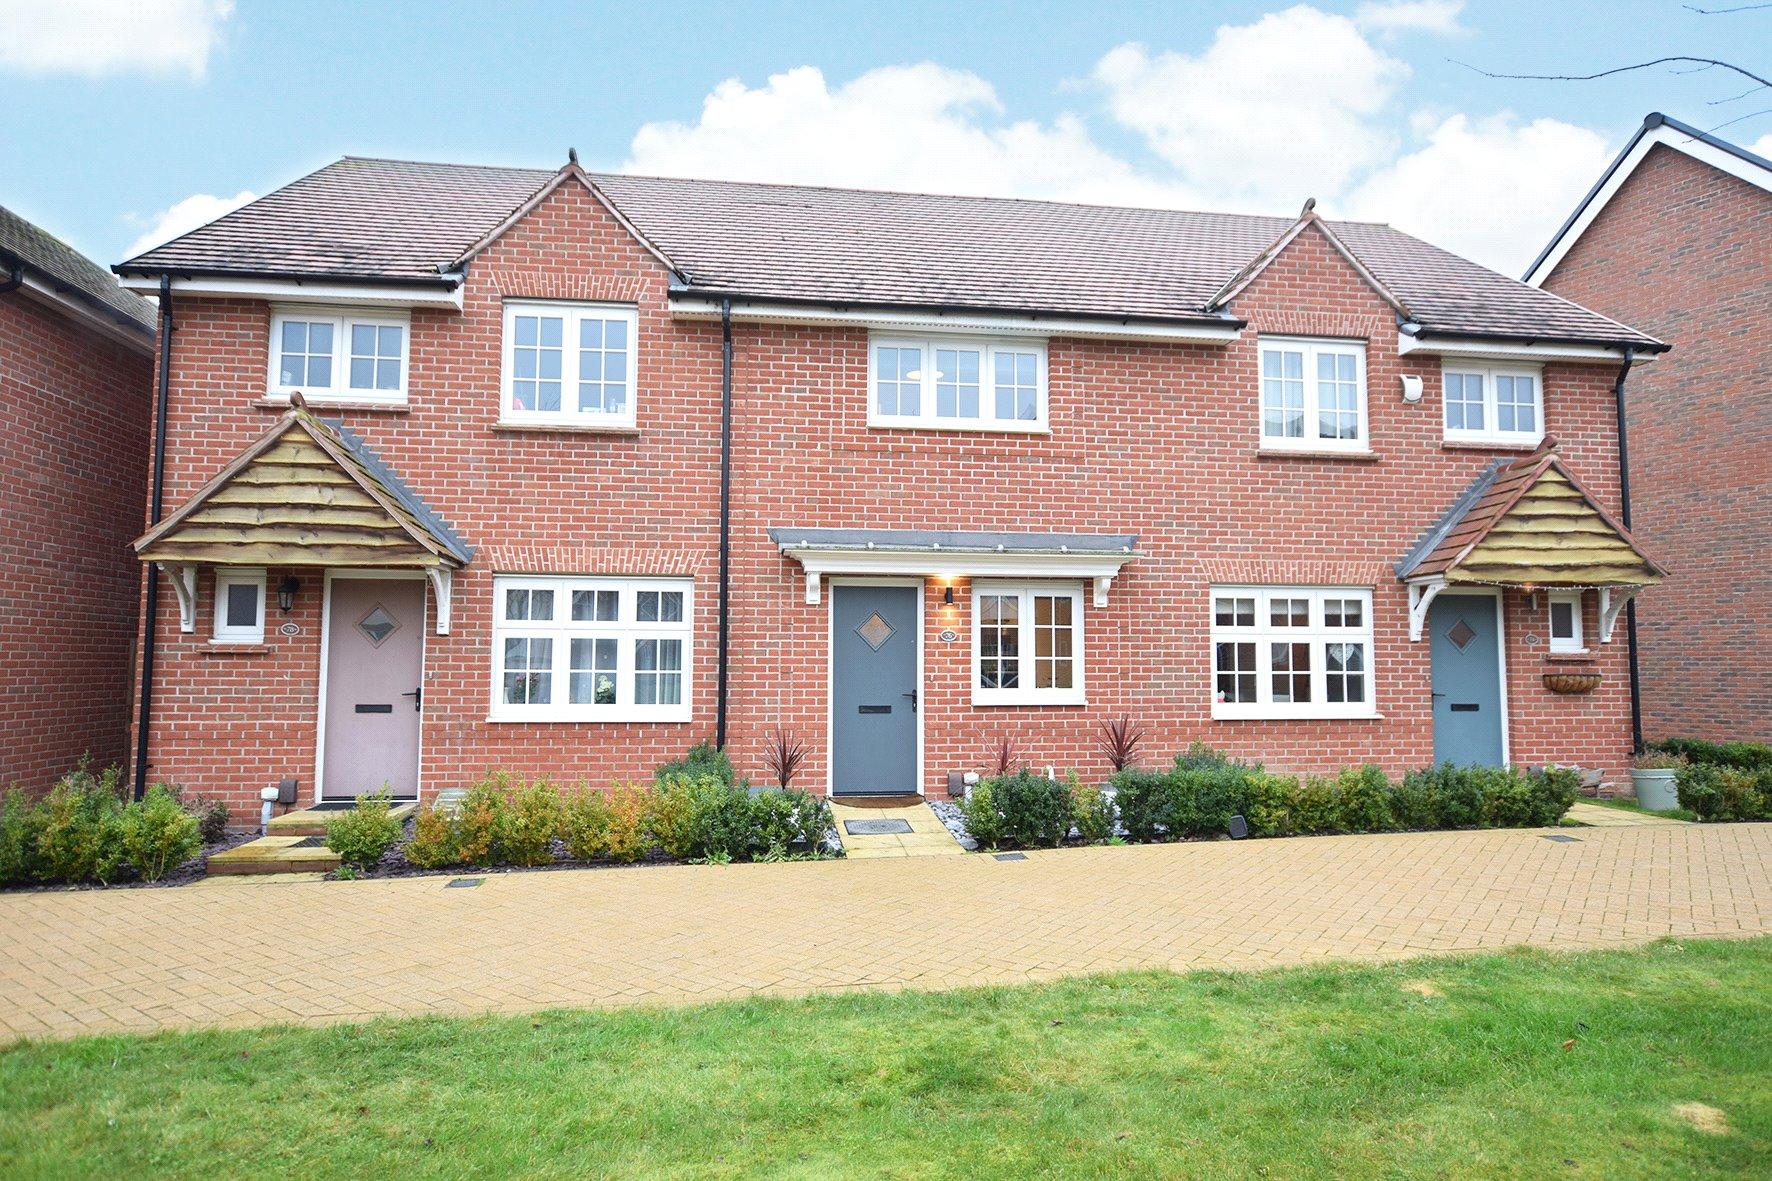 2 Bedrooms Terraced House for sale in Merlin Way, Jennett's Park, Bracknell, Berkshire, RG12